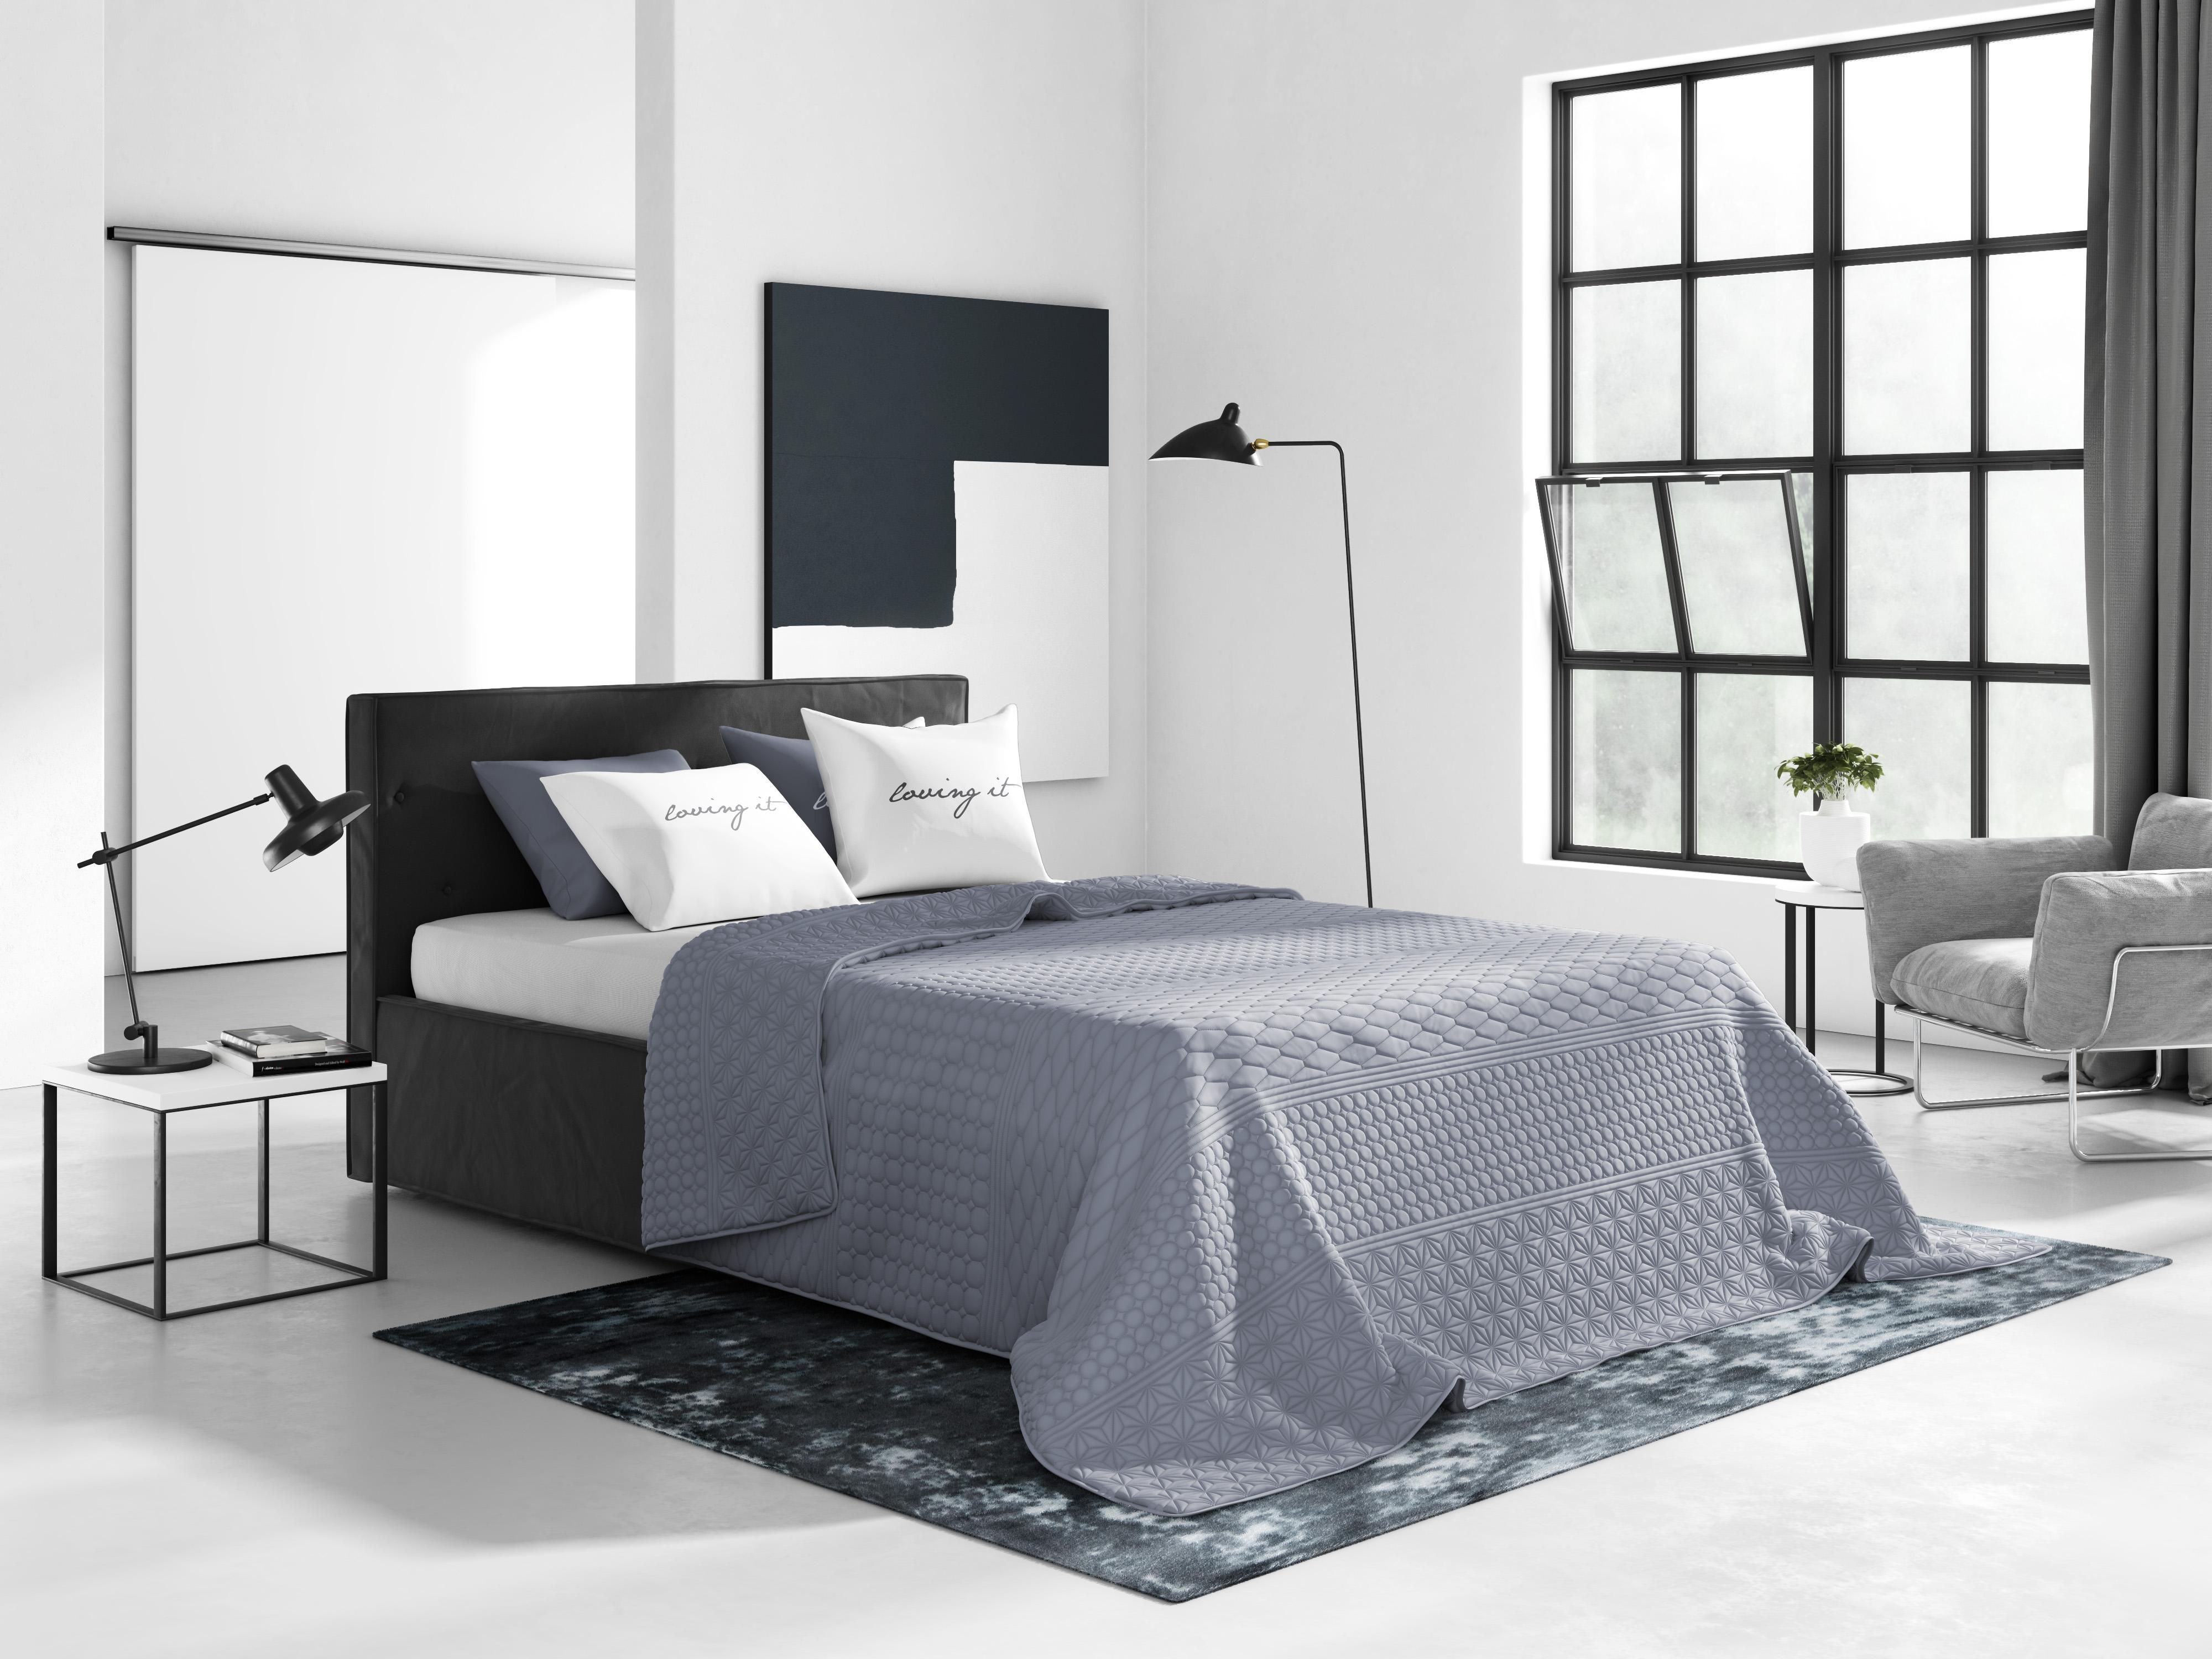 Szare Tłoczone Nowoczesne Narzuty Francuskie Na łóżko Do Sypialni 200x220